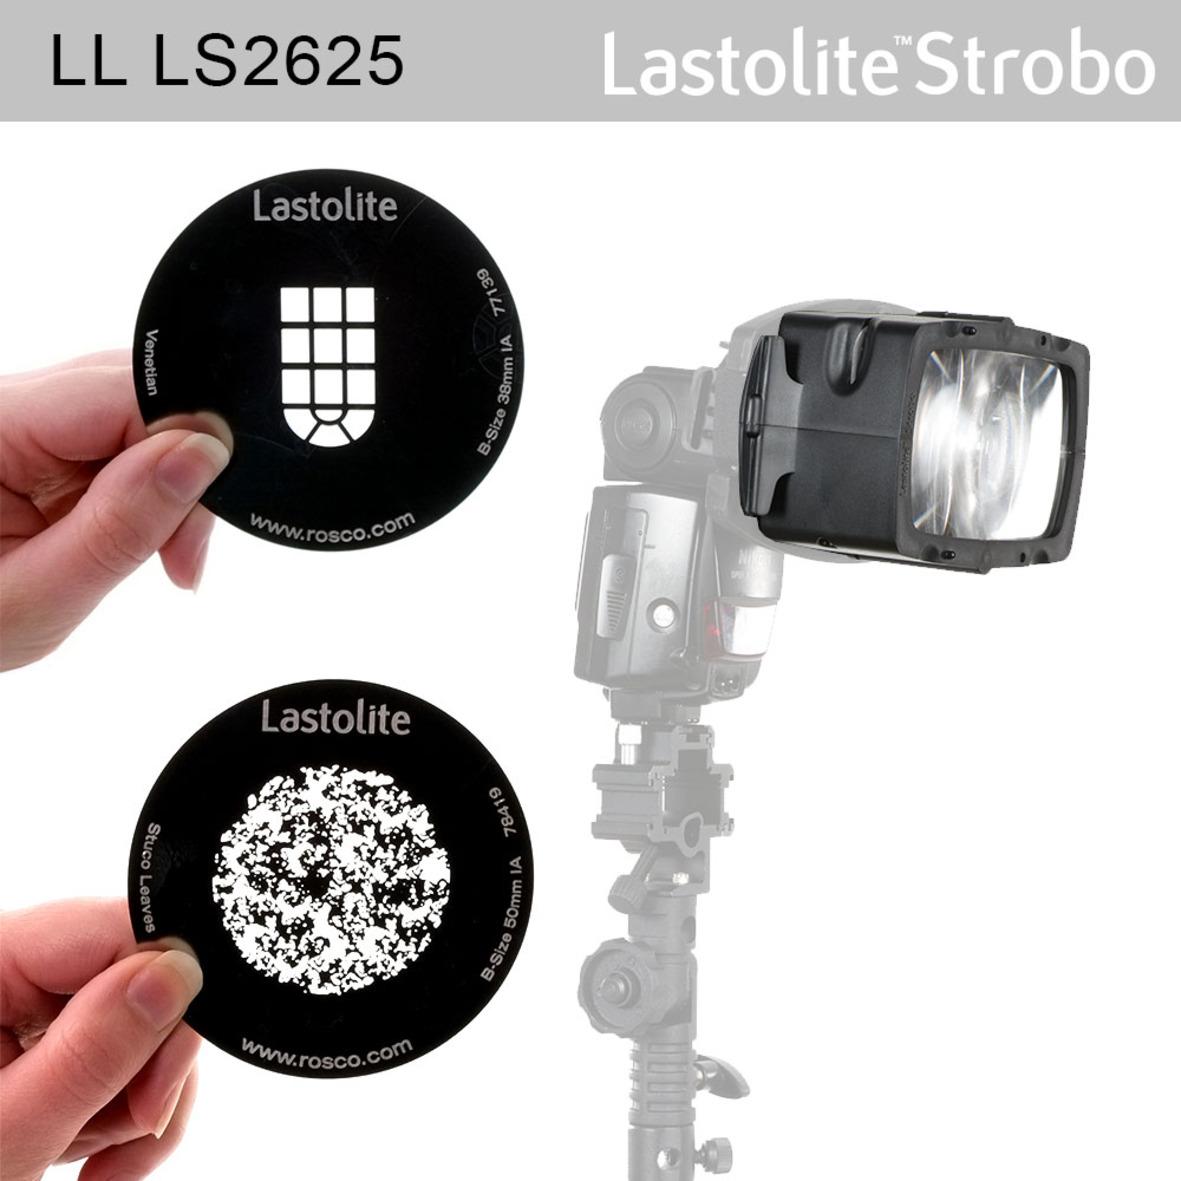 Lastolite Strobo Gobo, inkl. 2 Gobomasken 86mm (Fenster + Baum) optischer Spotvorsatz für Systemblit